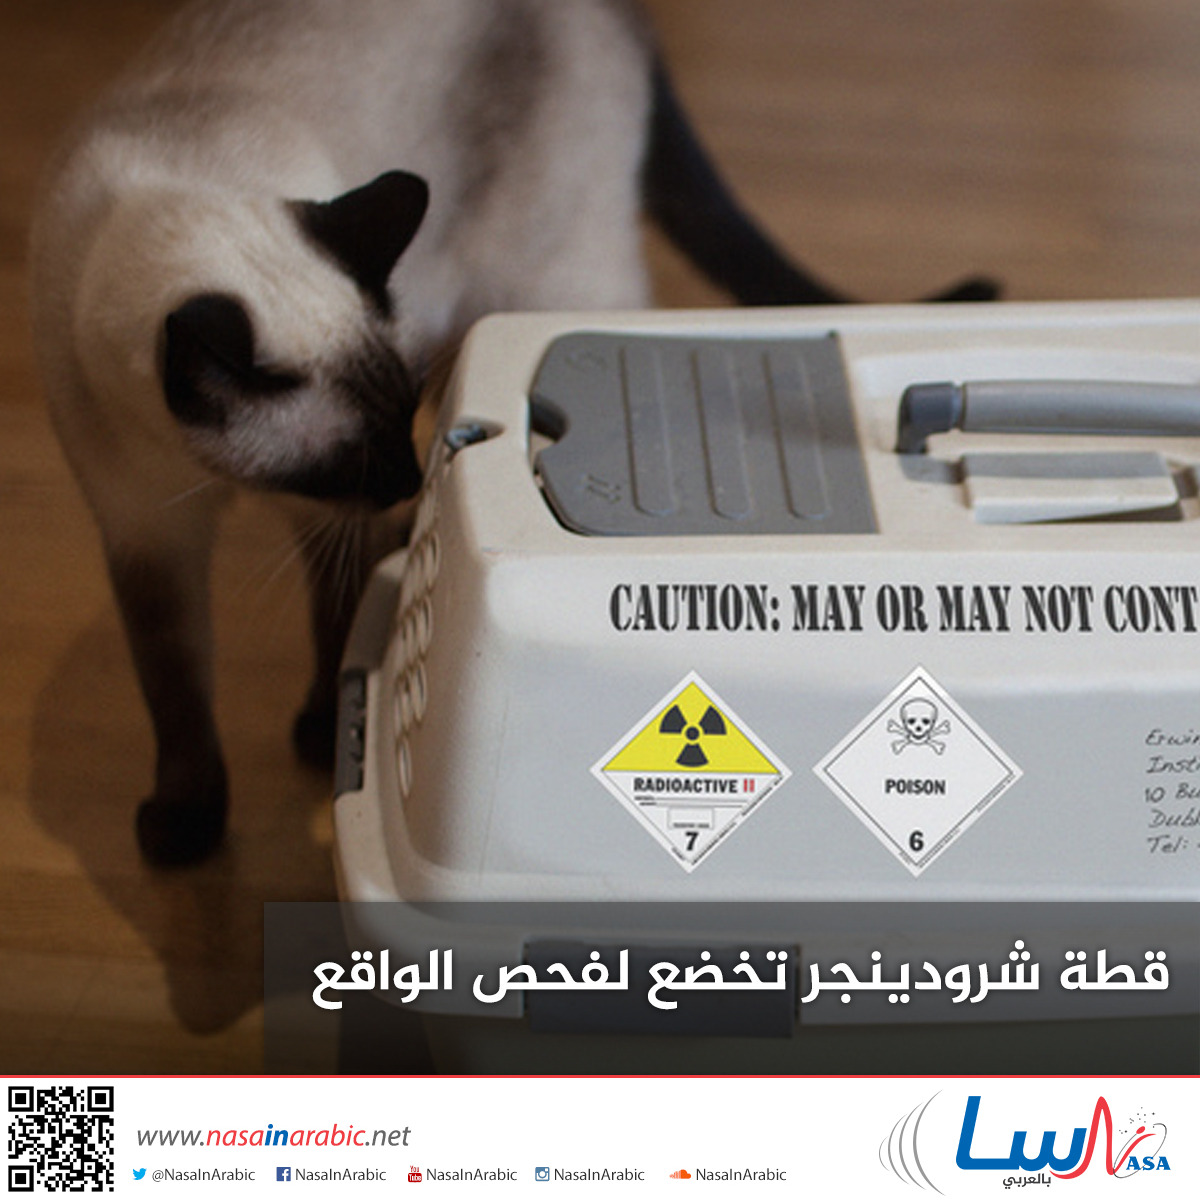 قطة شرودينجر تخضع لفحص الواقع